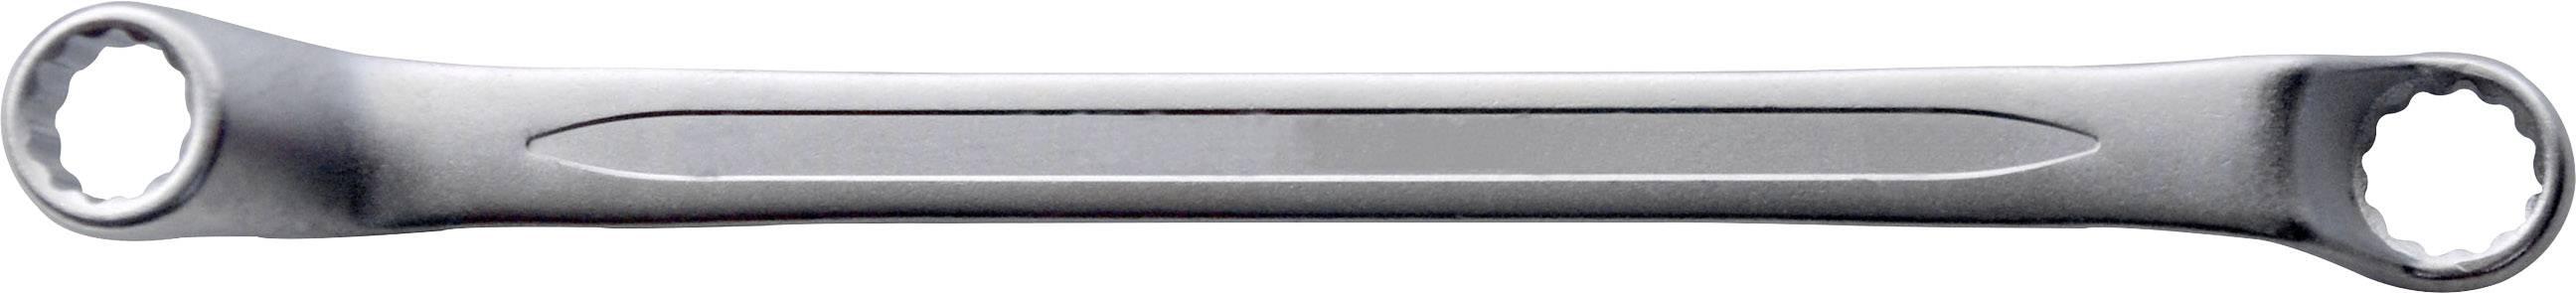 Oboustranný očkový klíč TOOLCRAFT 820850, 10 - 11 mm, N/A